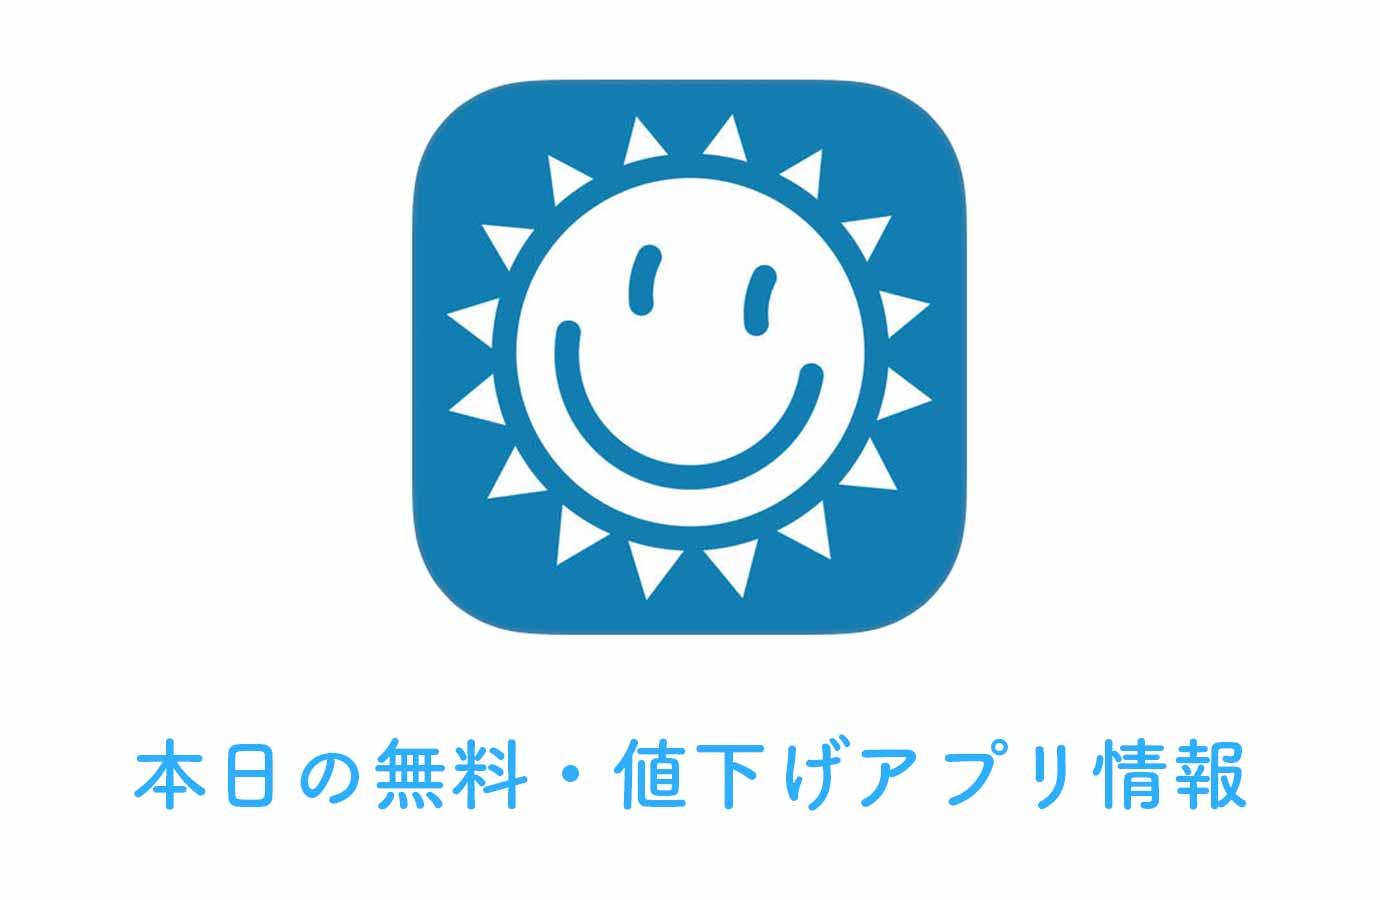 120円→無料!時間や天気にあわせて背景が変わる天気予報アプリ「YoWindow 天候」など【1/31】本日の無料・値下げアプリ情報